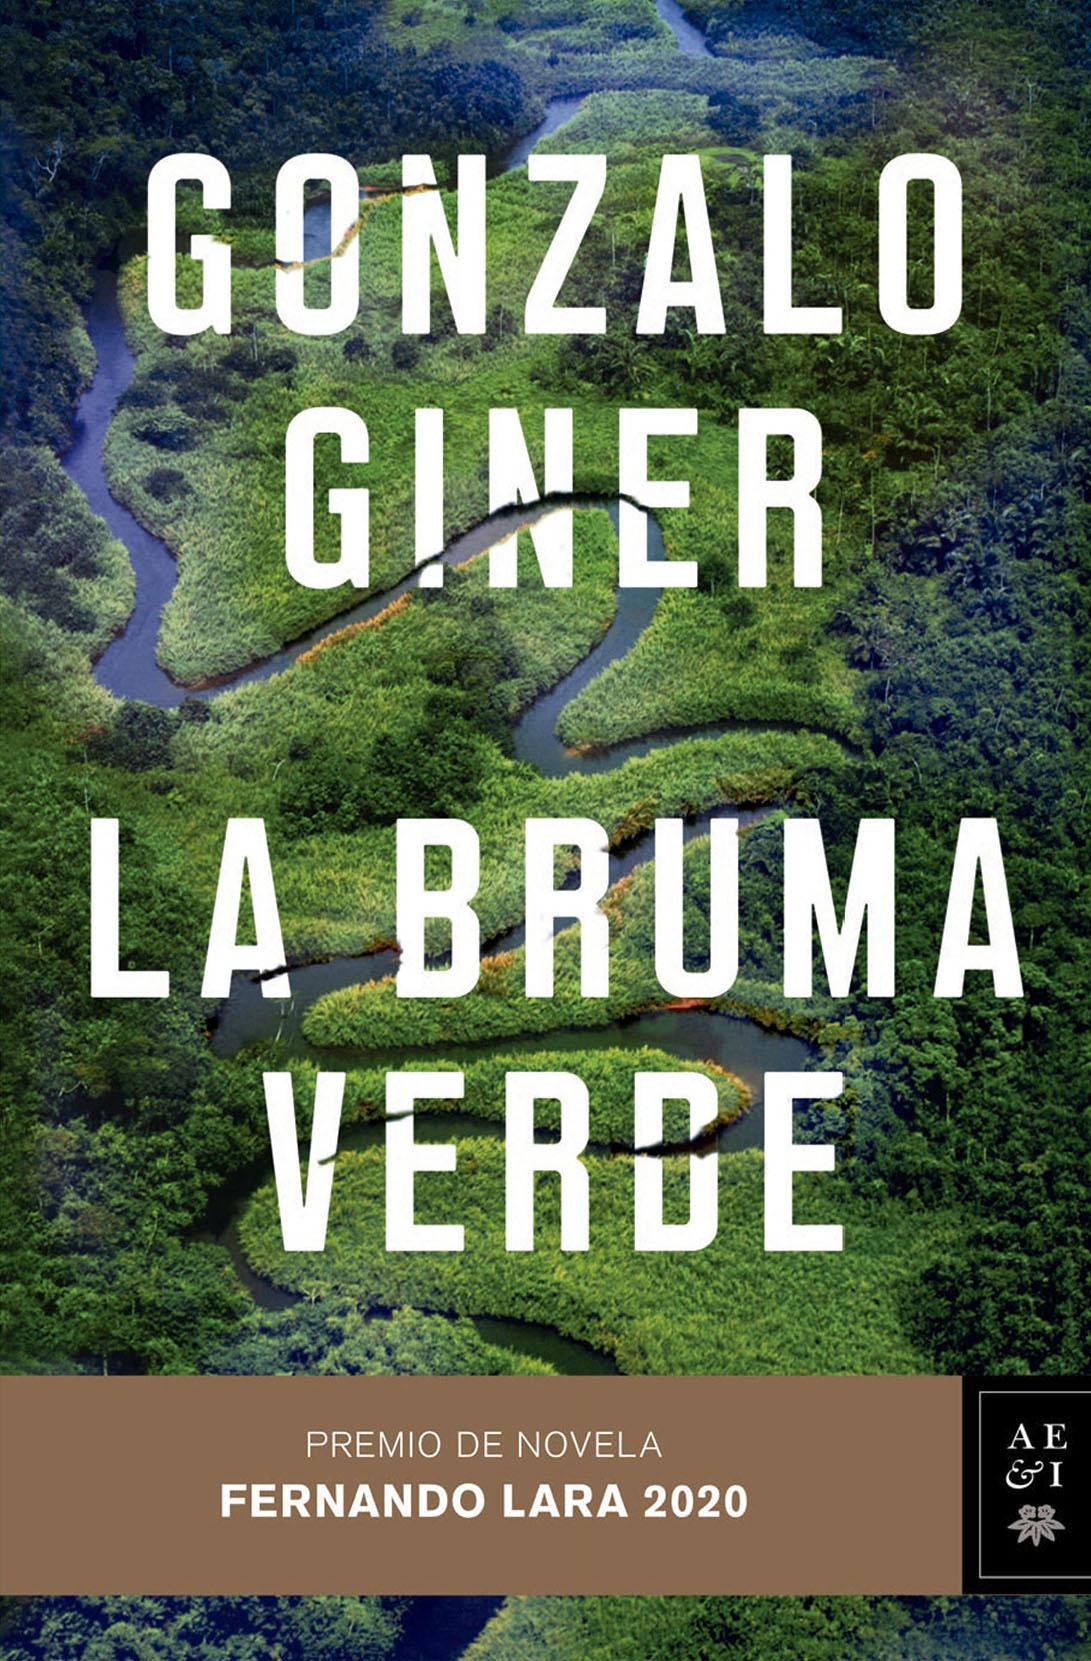 La bruma verde (Gonzalo Giner, 2020)